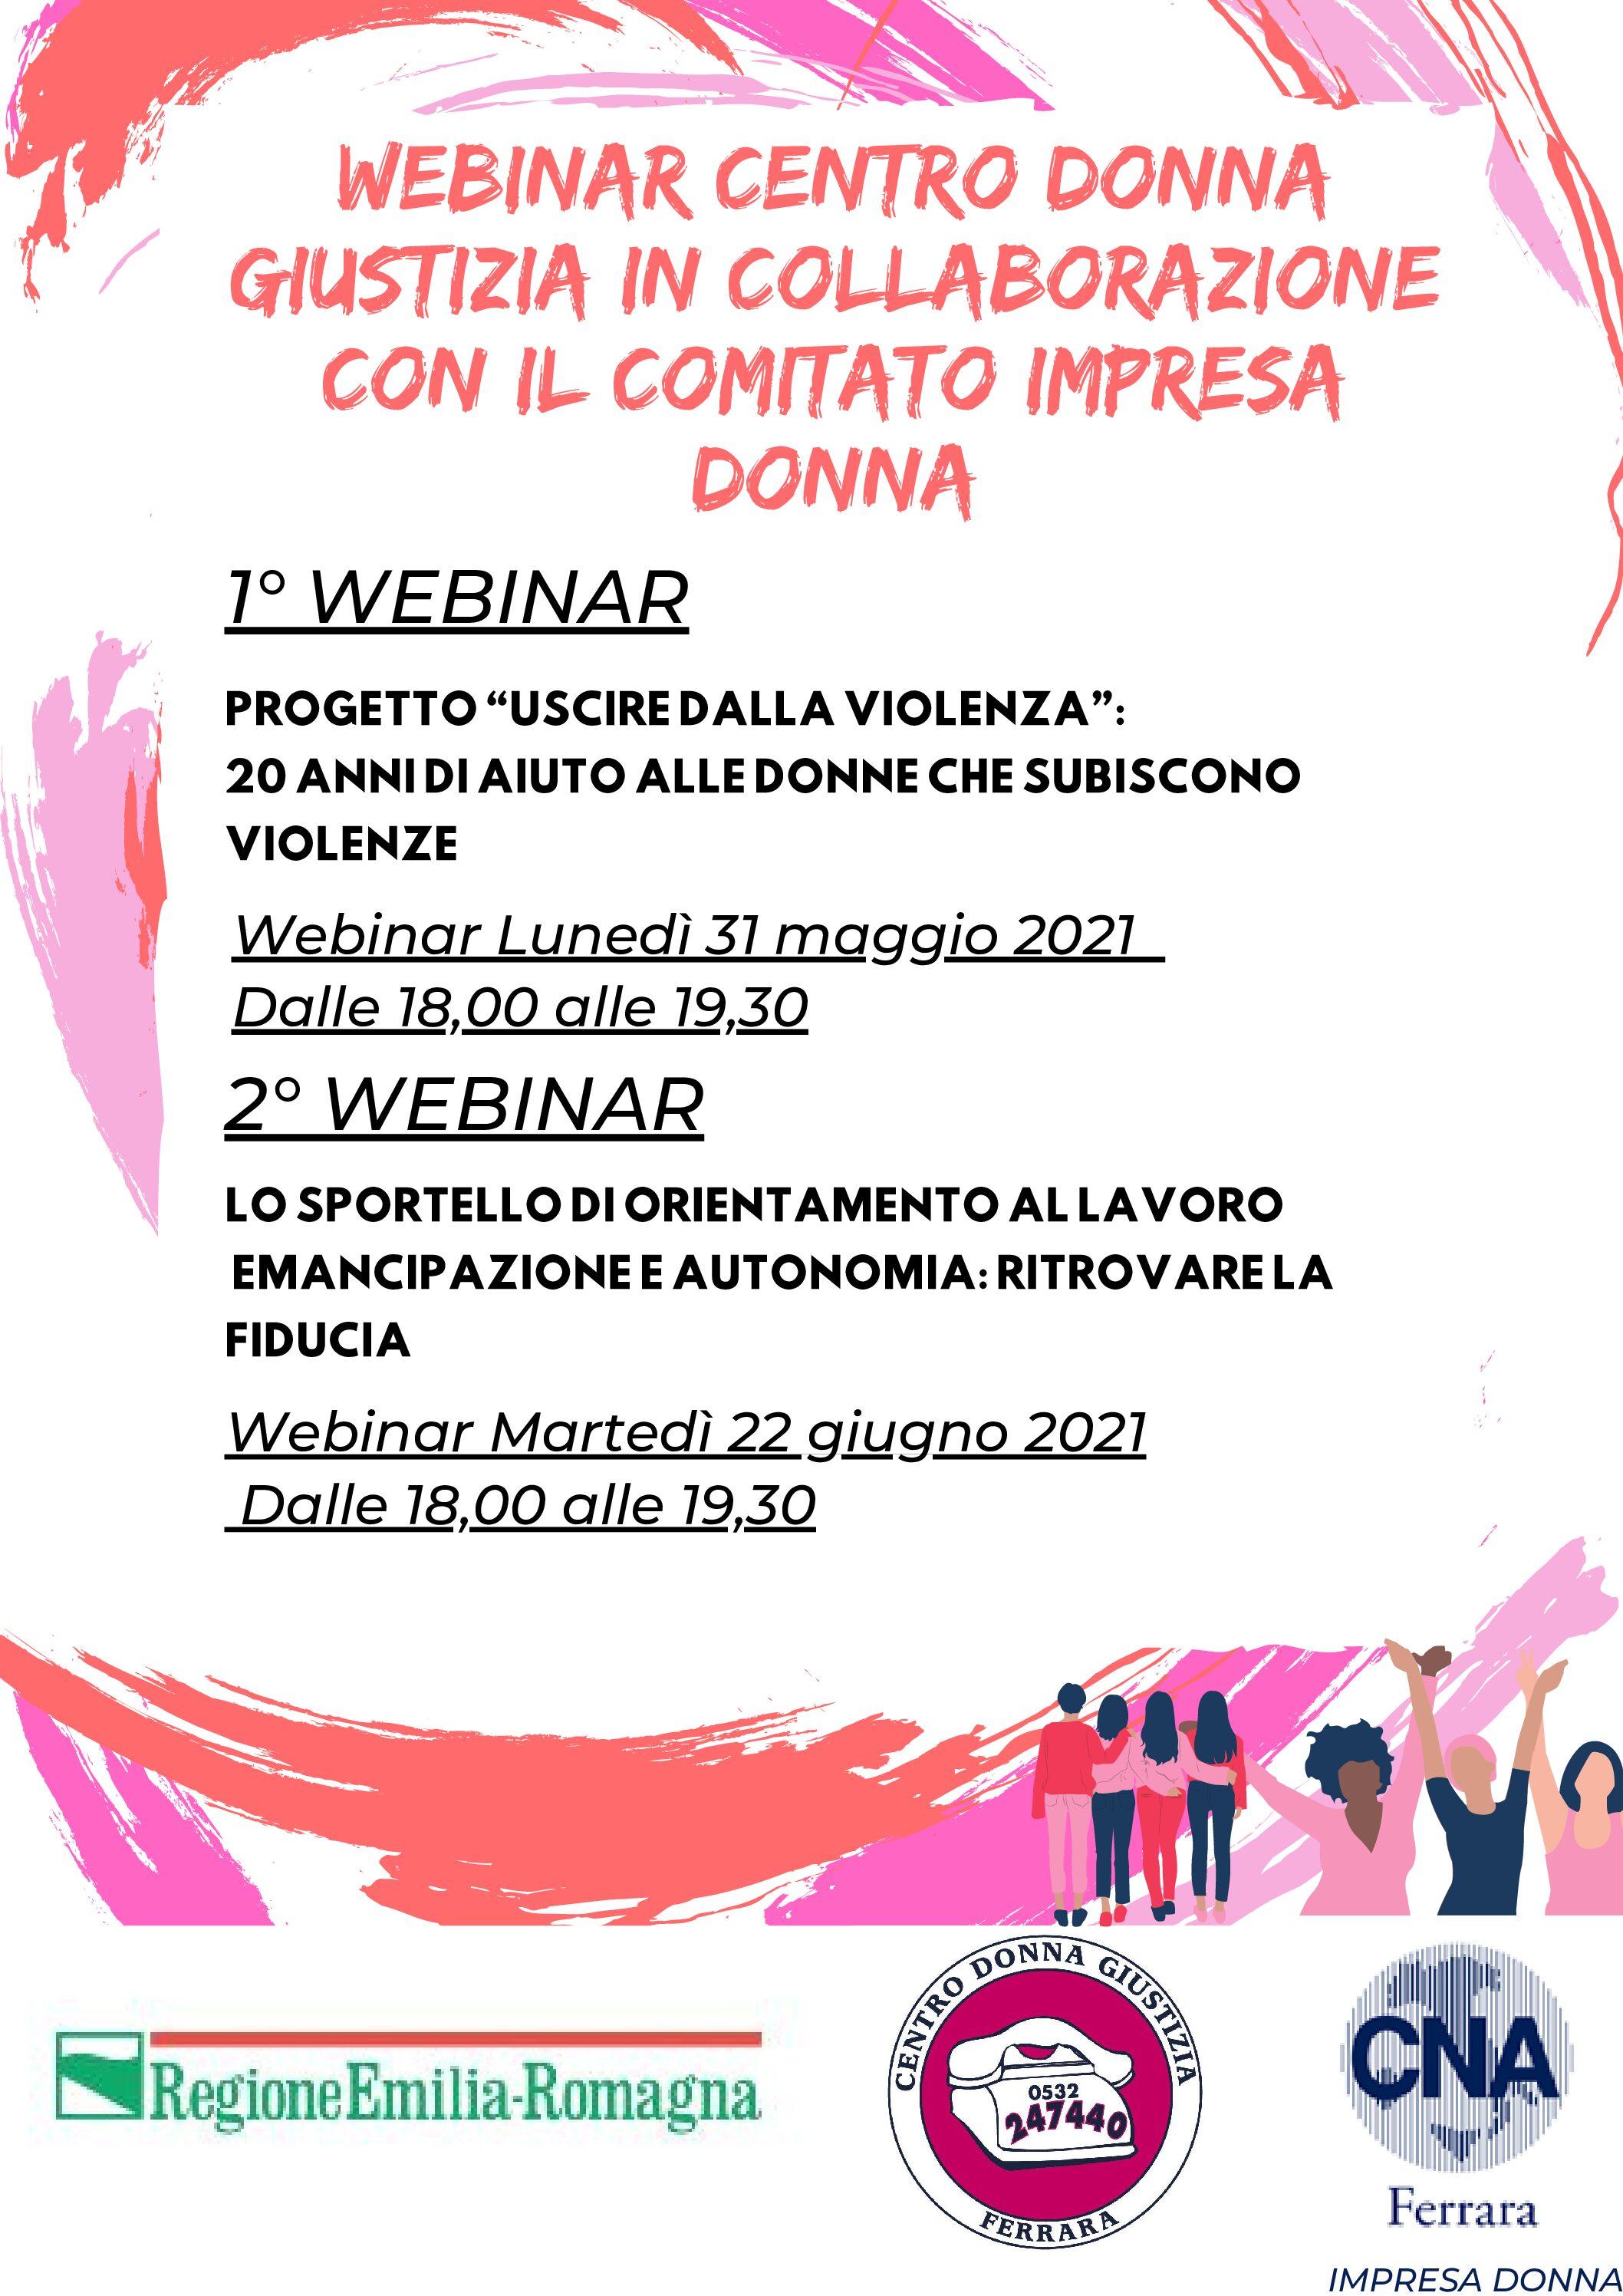 Donne (In)formazione – Webinar in collaborazione con Comitato Impresa Donna